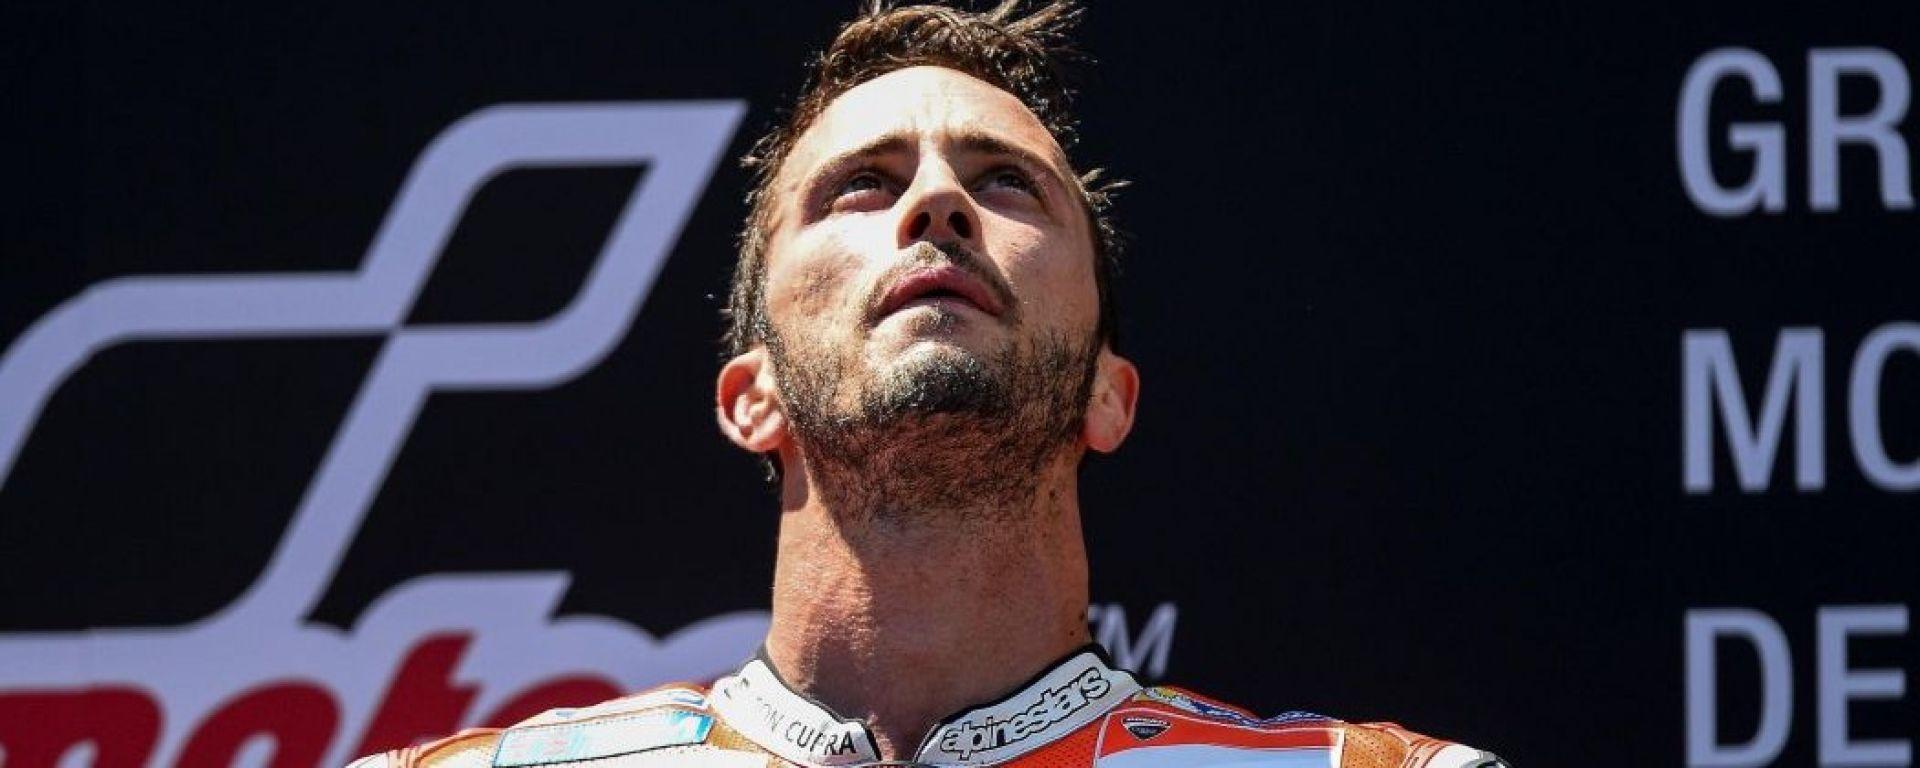 Andrea Dovizioso - Ducati Moto GP 2017